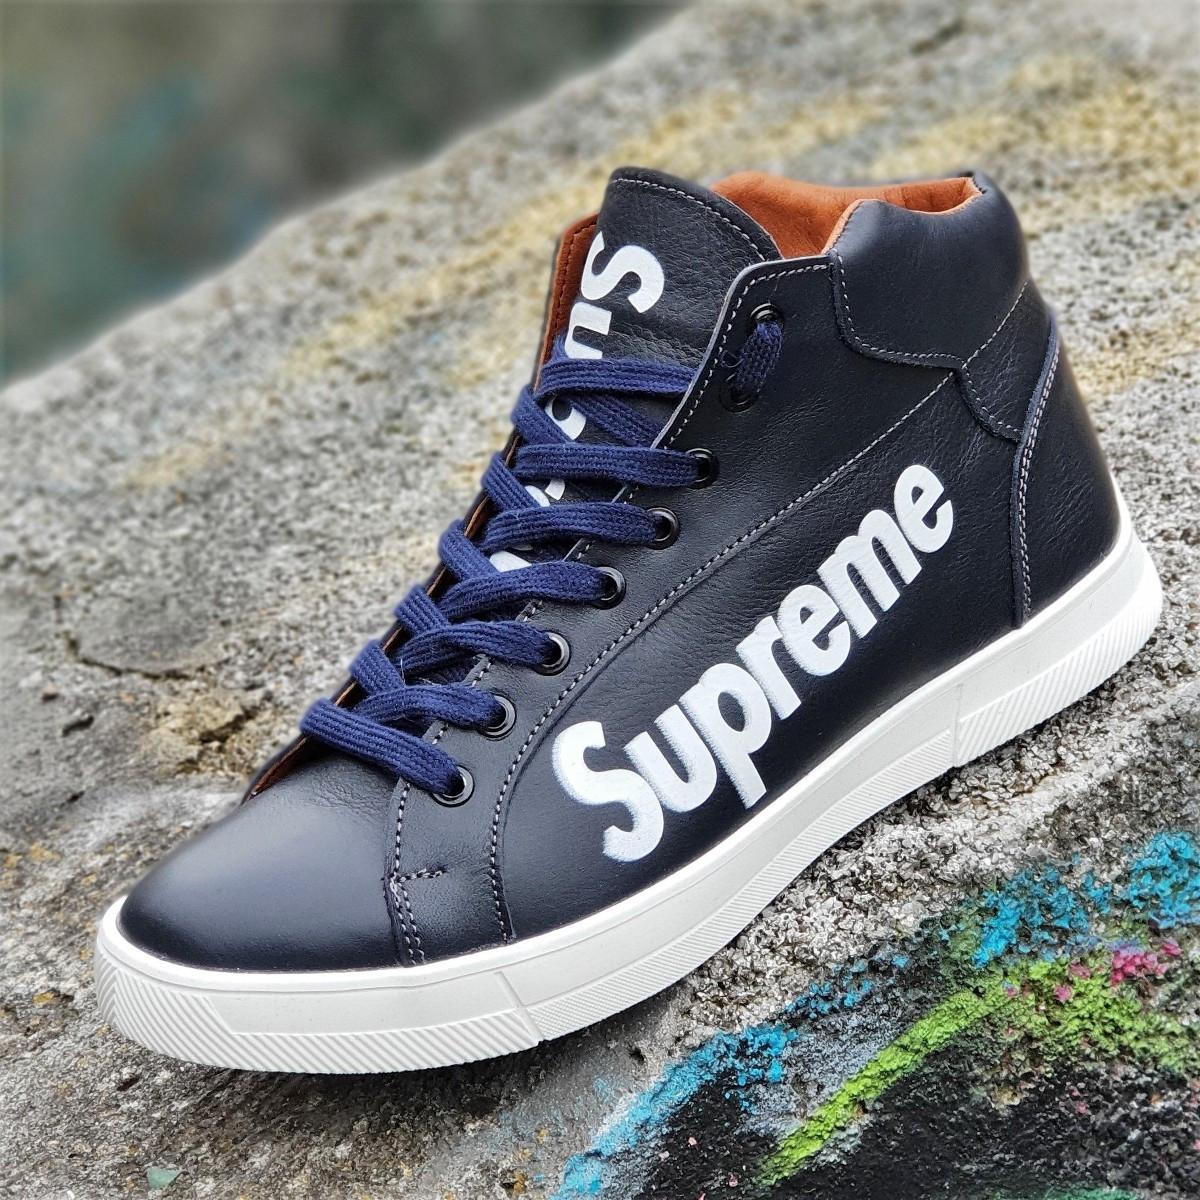 c7ea41589fac 330 грн Мужские зимние ботинки. Распродажа. Лови момент!